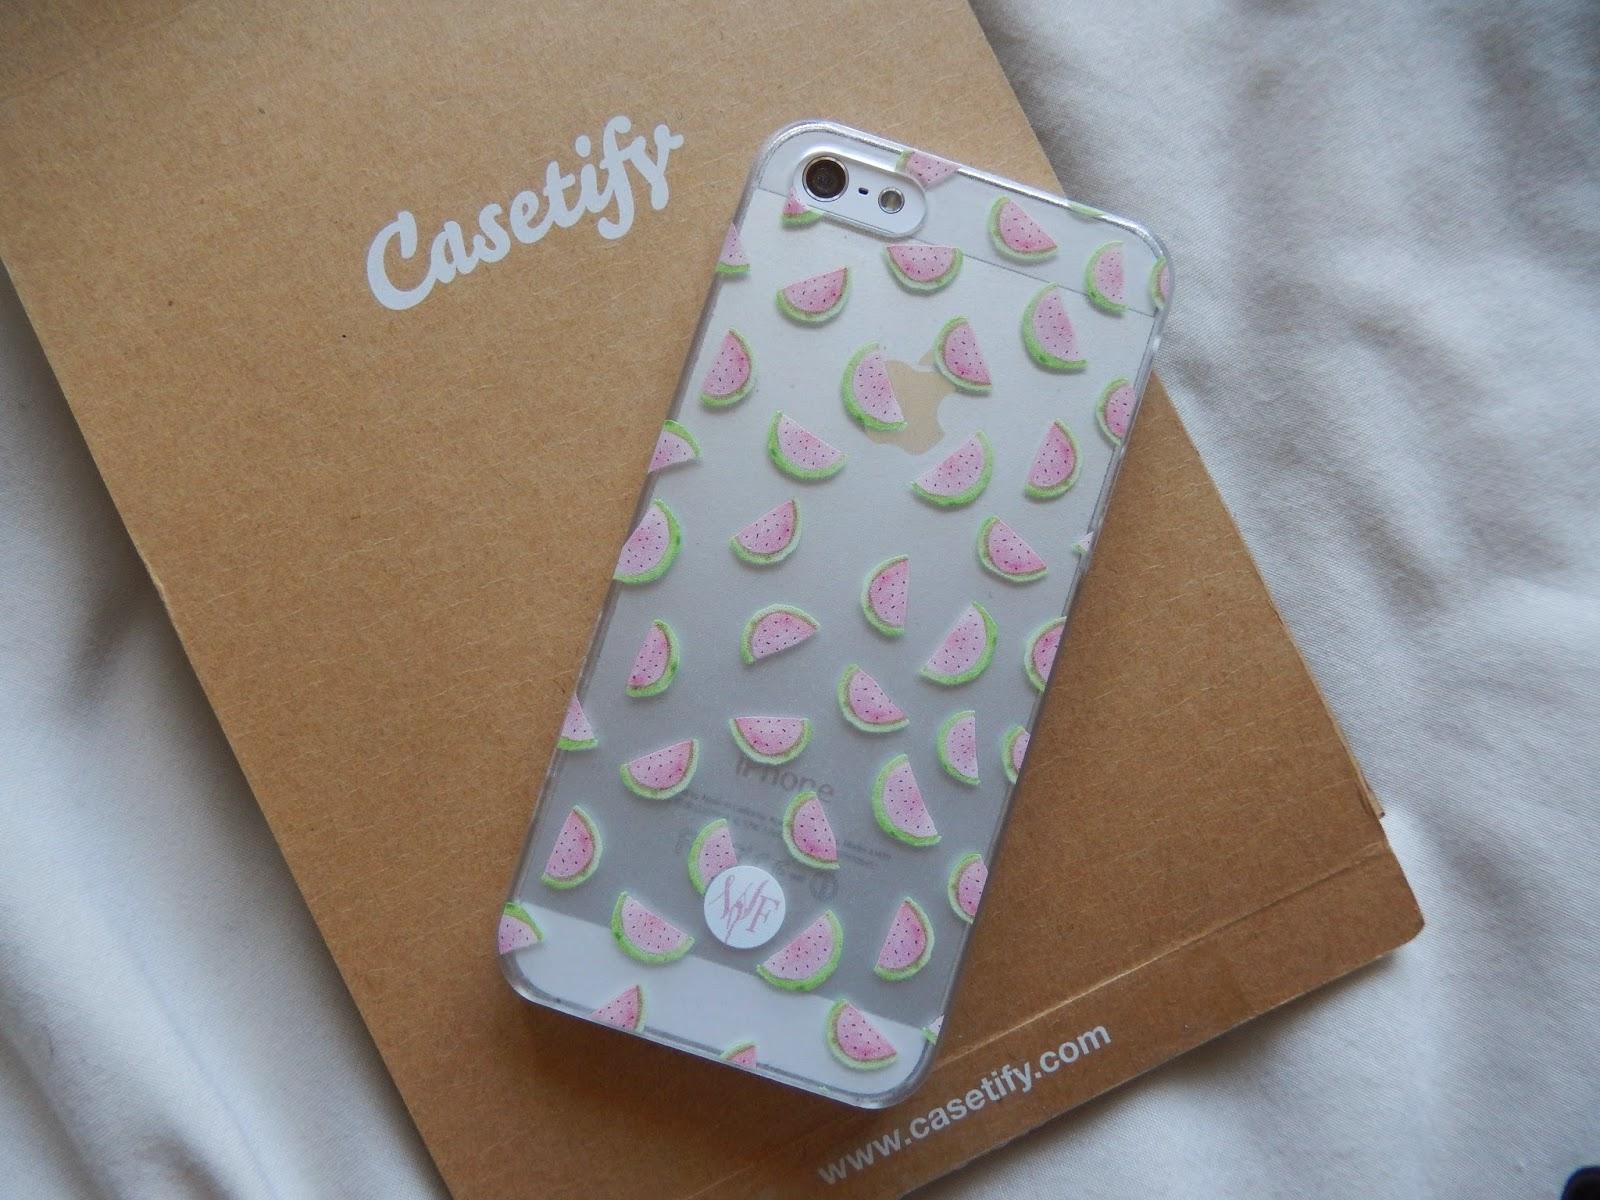 Sammi Jackson - Casetify x Wonderforest Watermelon Phonecase